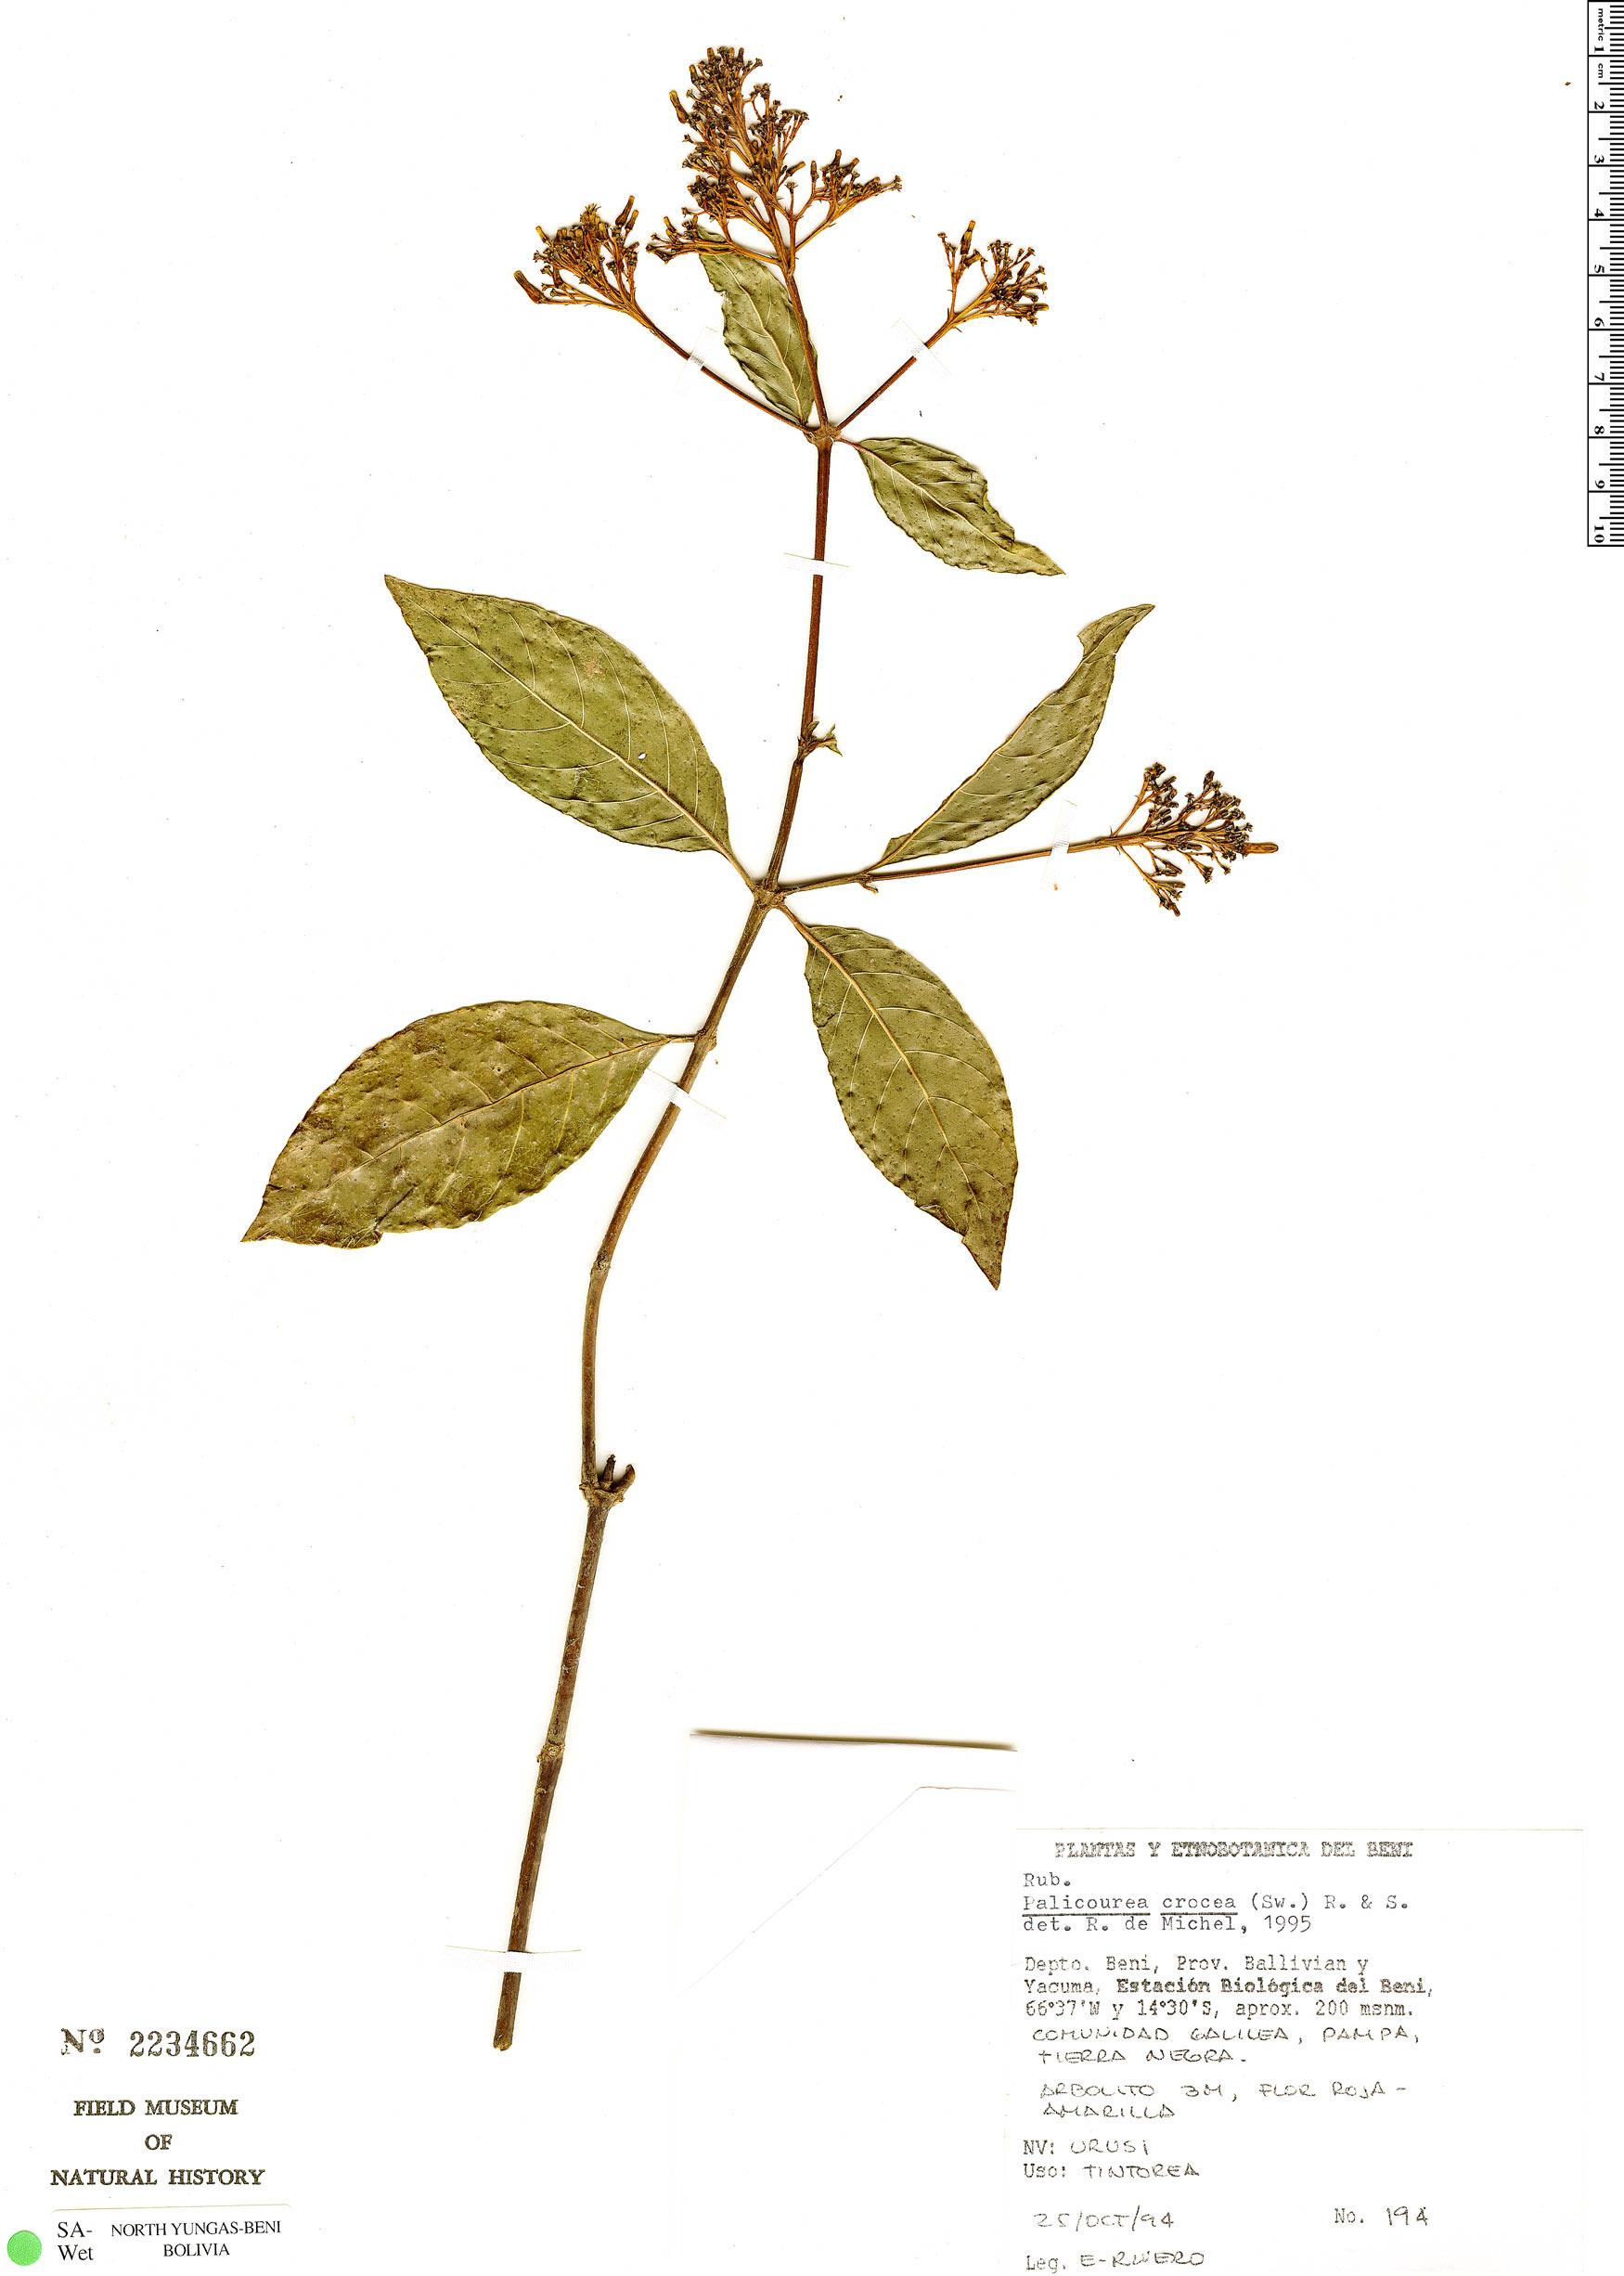 Espécime: Palicourea crocea